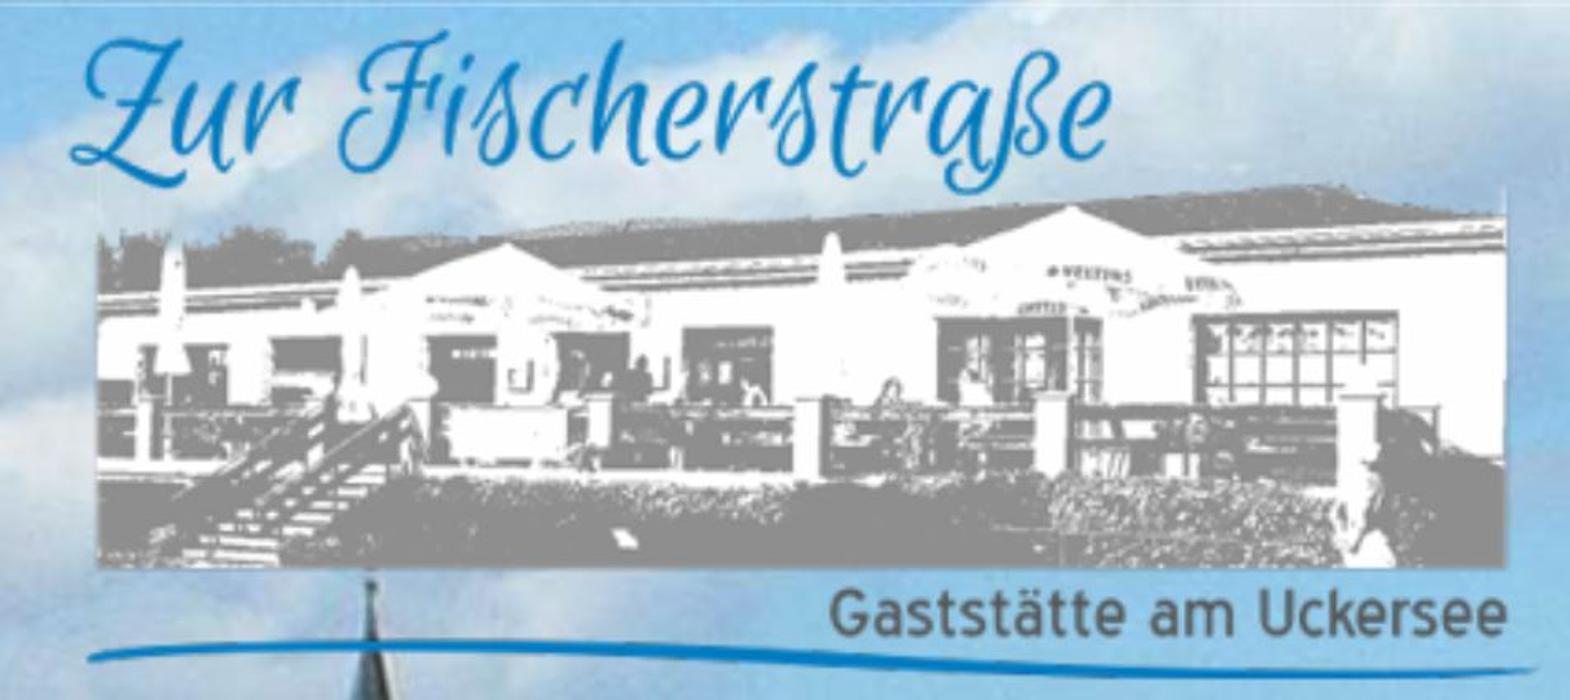 """Bild zu """"Zur Fischerstraße"""" - Gaststätte am Uckersee - Inh. Anke Menge-Weiher in Prenzlau"""